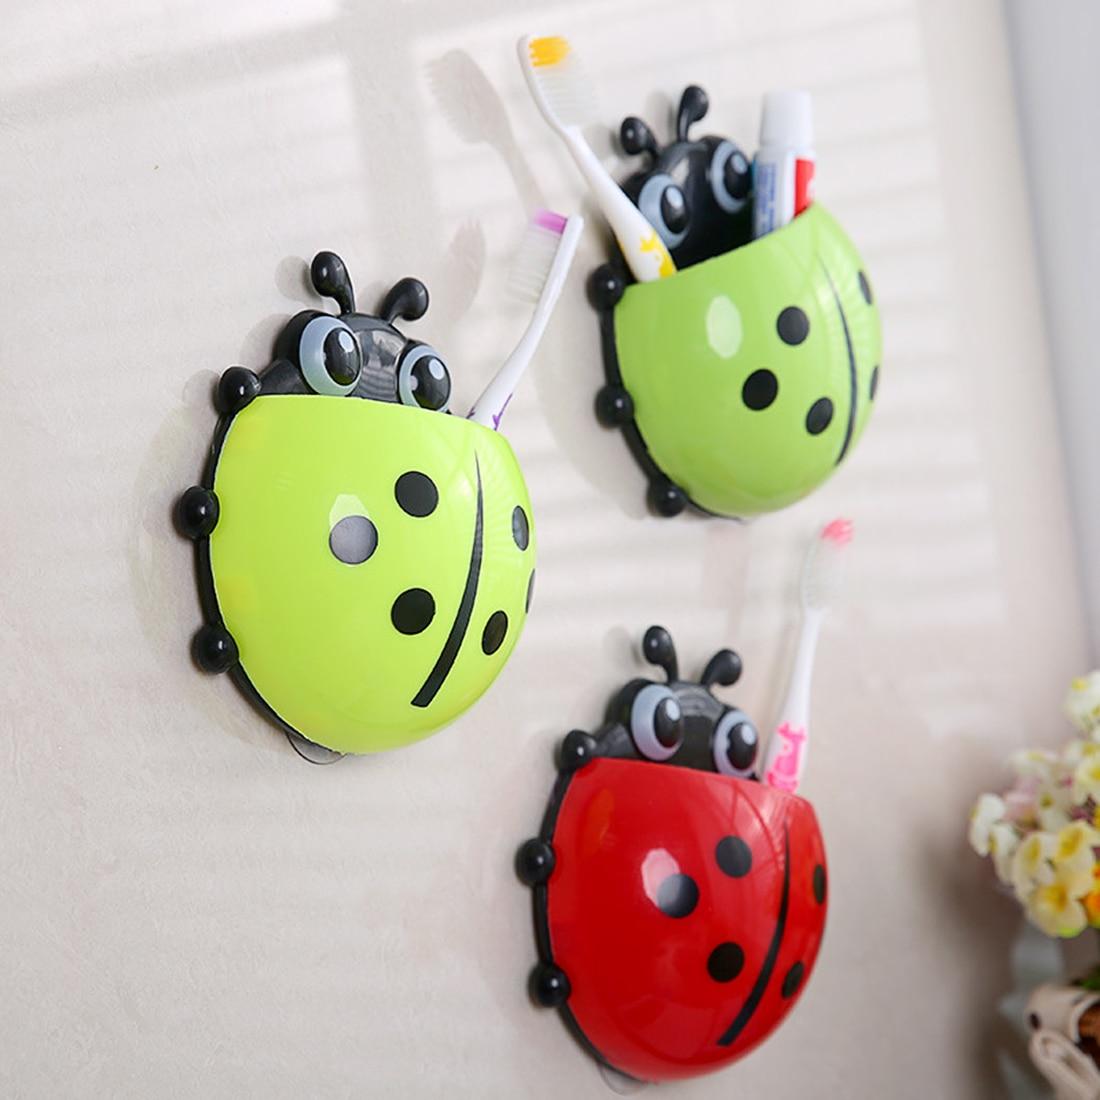 Ladybug Bathroom Accessories